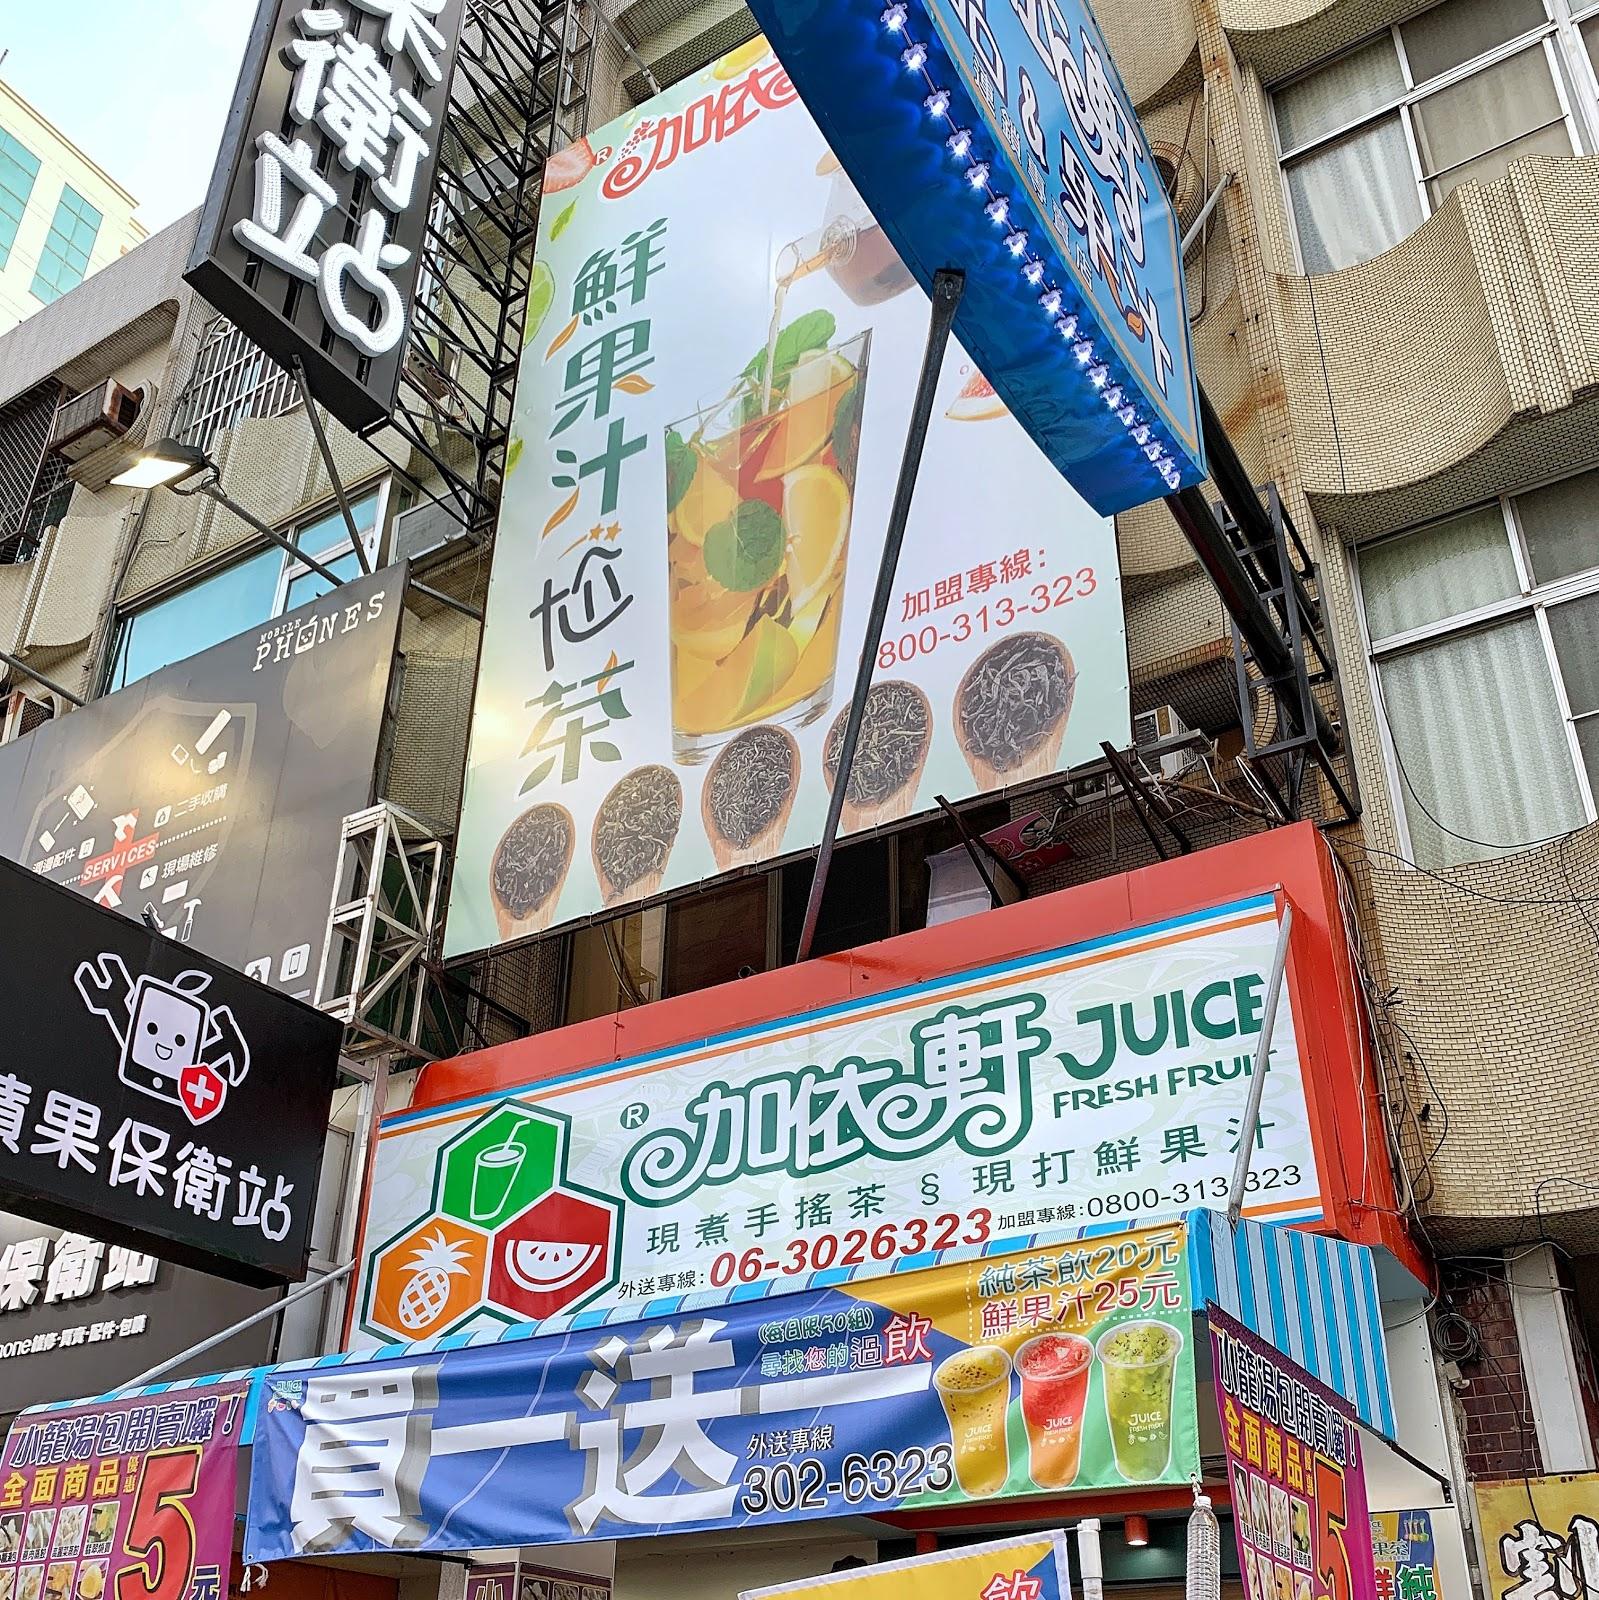 台南永康區美食加依軒鮮果茶飲中華店的店家外觀